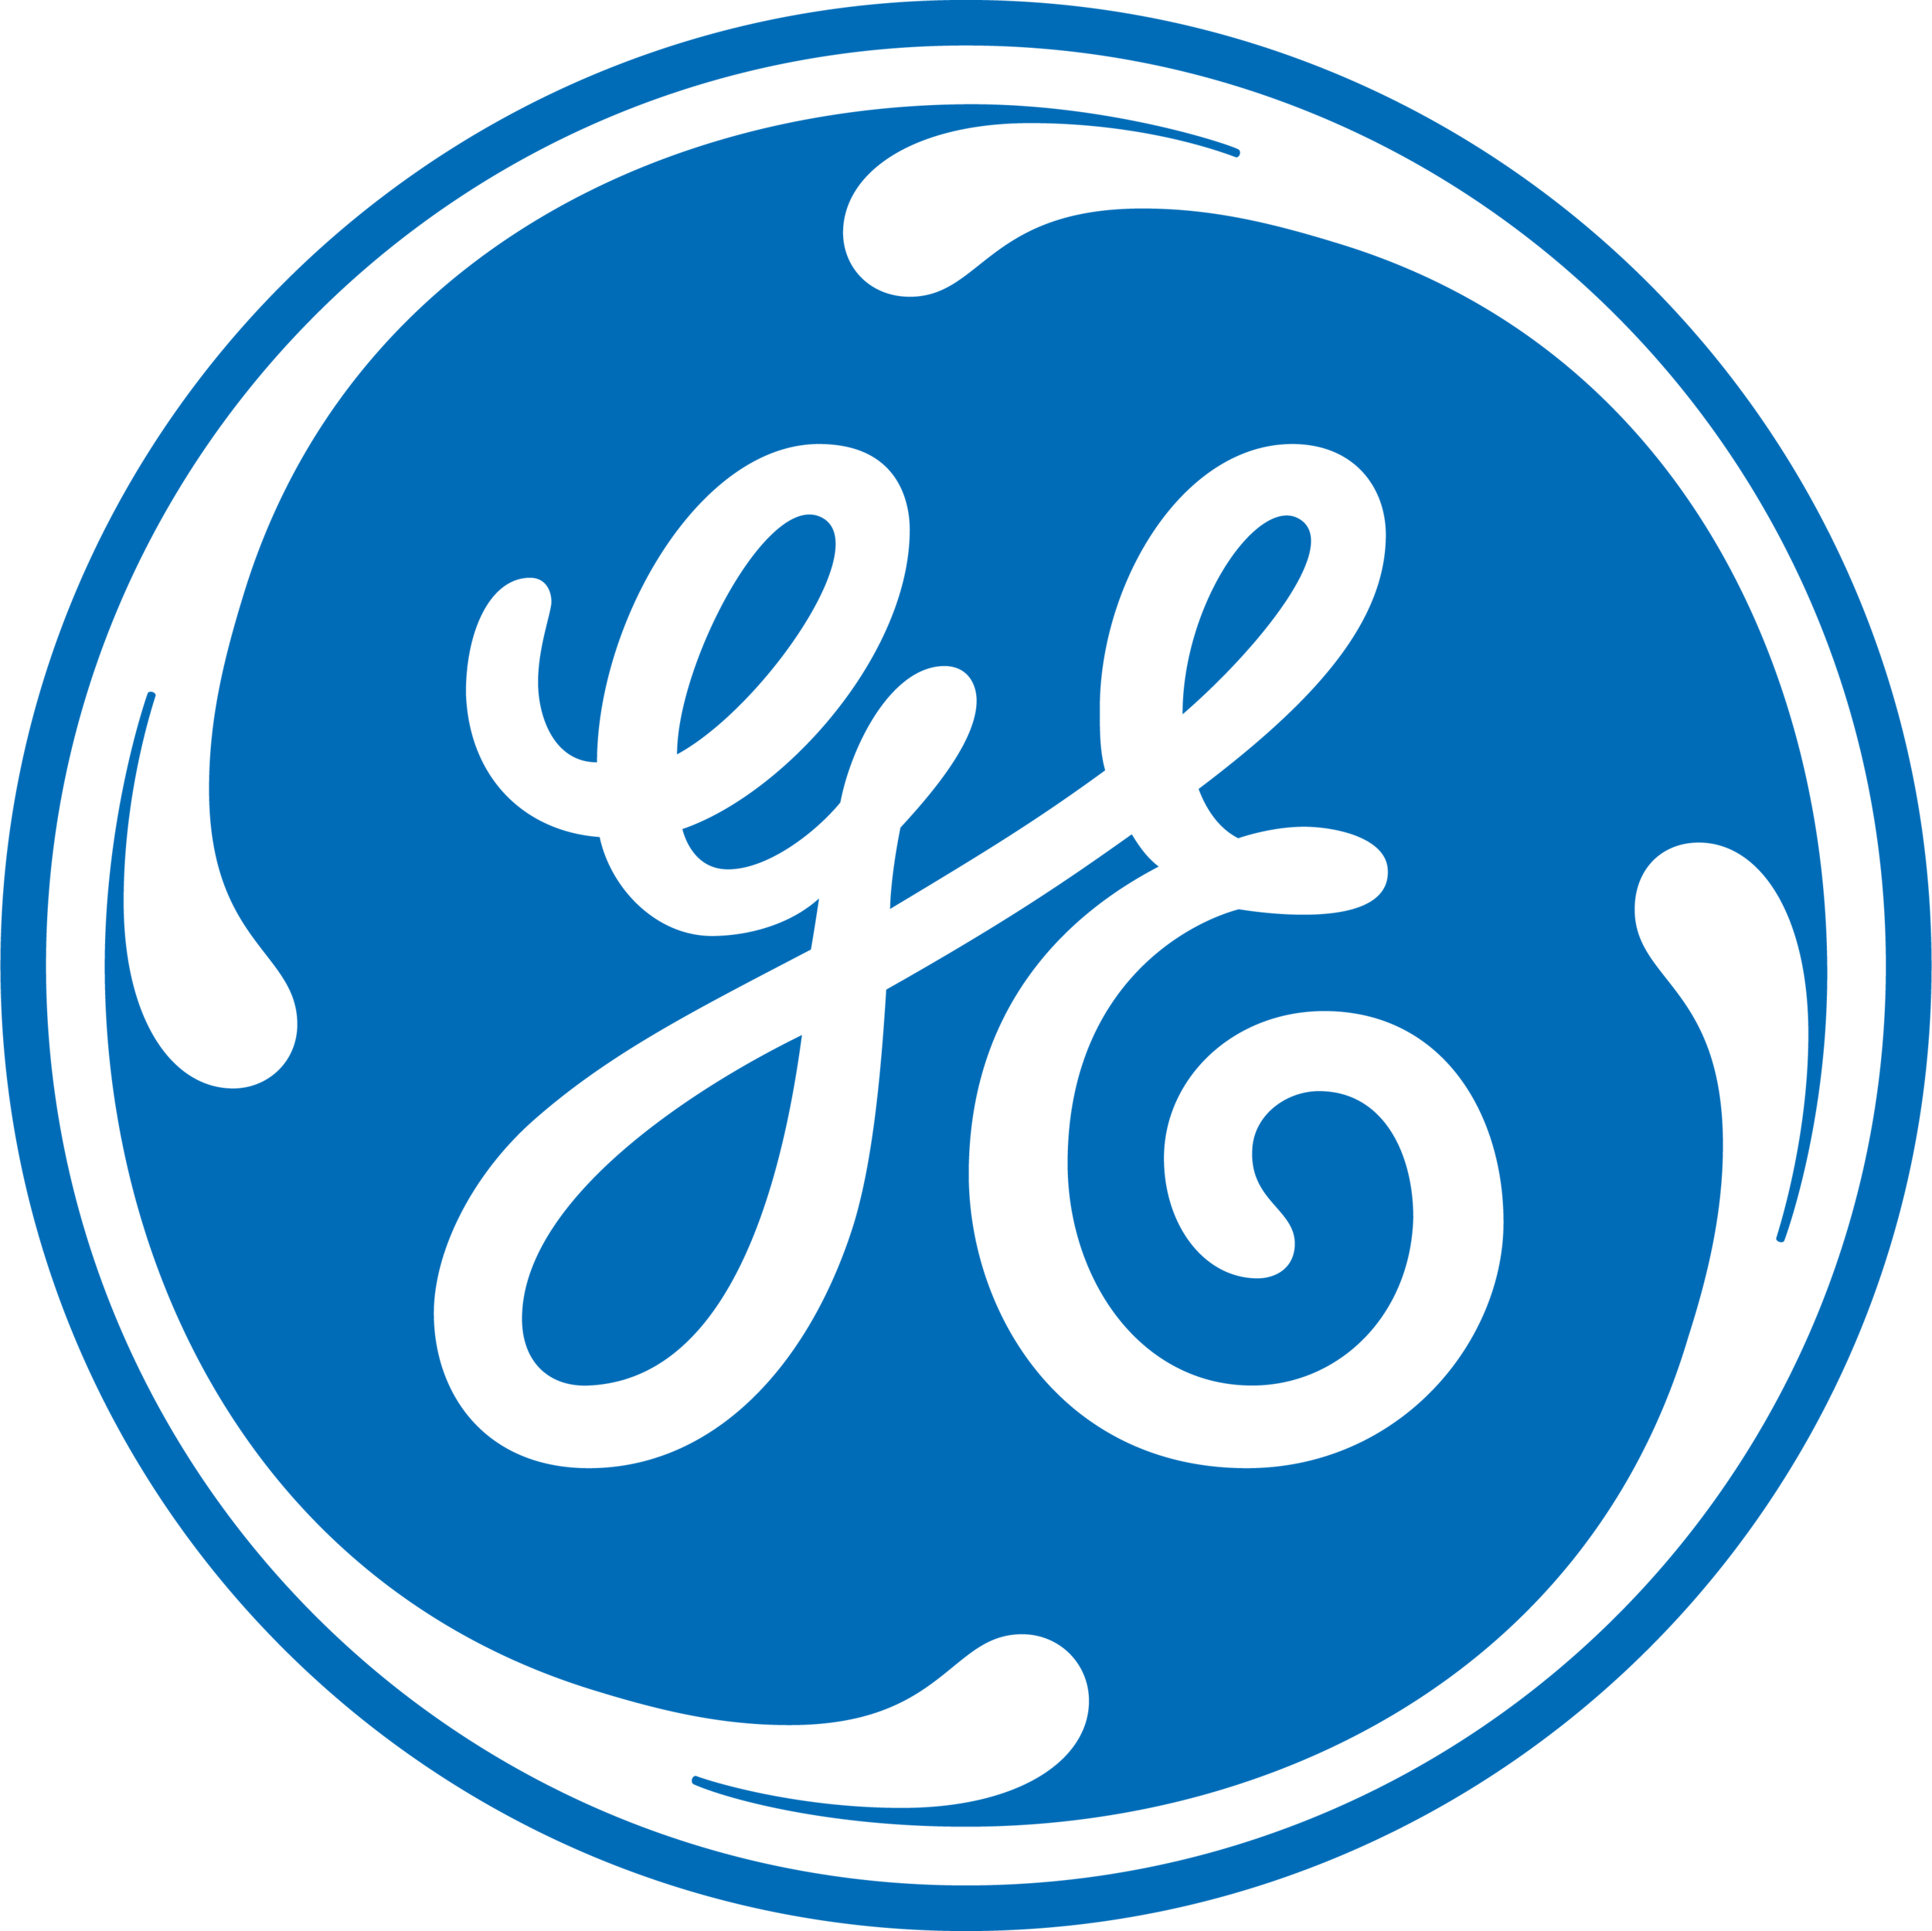 ge_monogram_primary_blue_CMYK.PNG